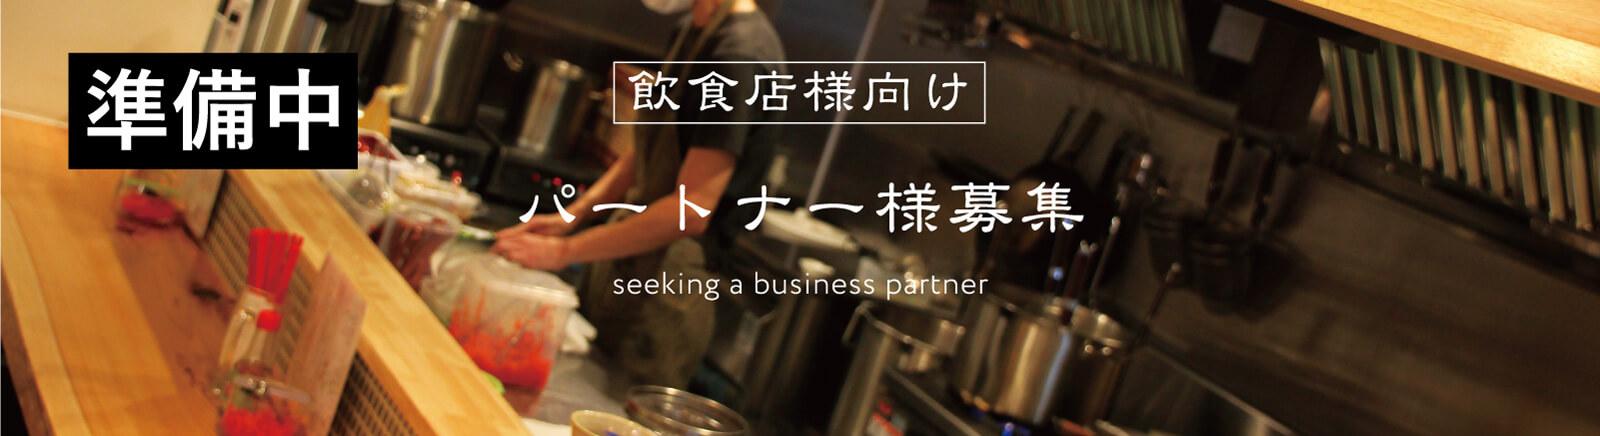 飲食店様向け パートナー様募集 seeking a business partner